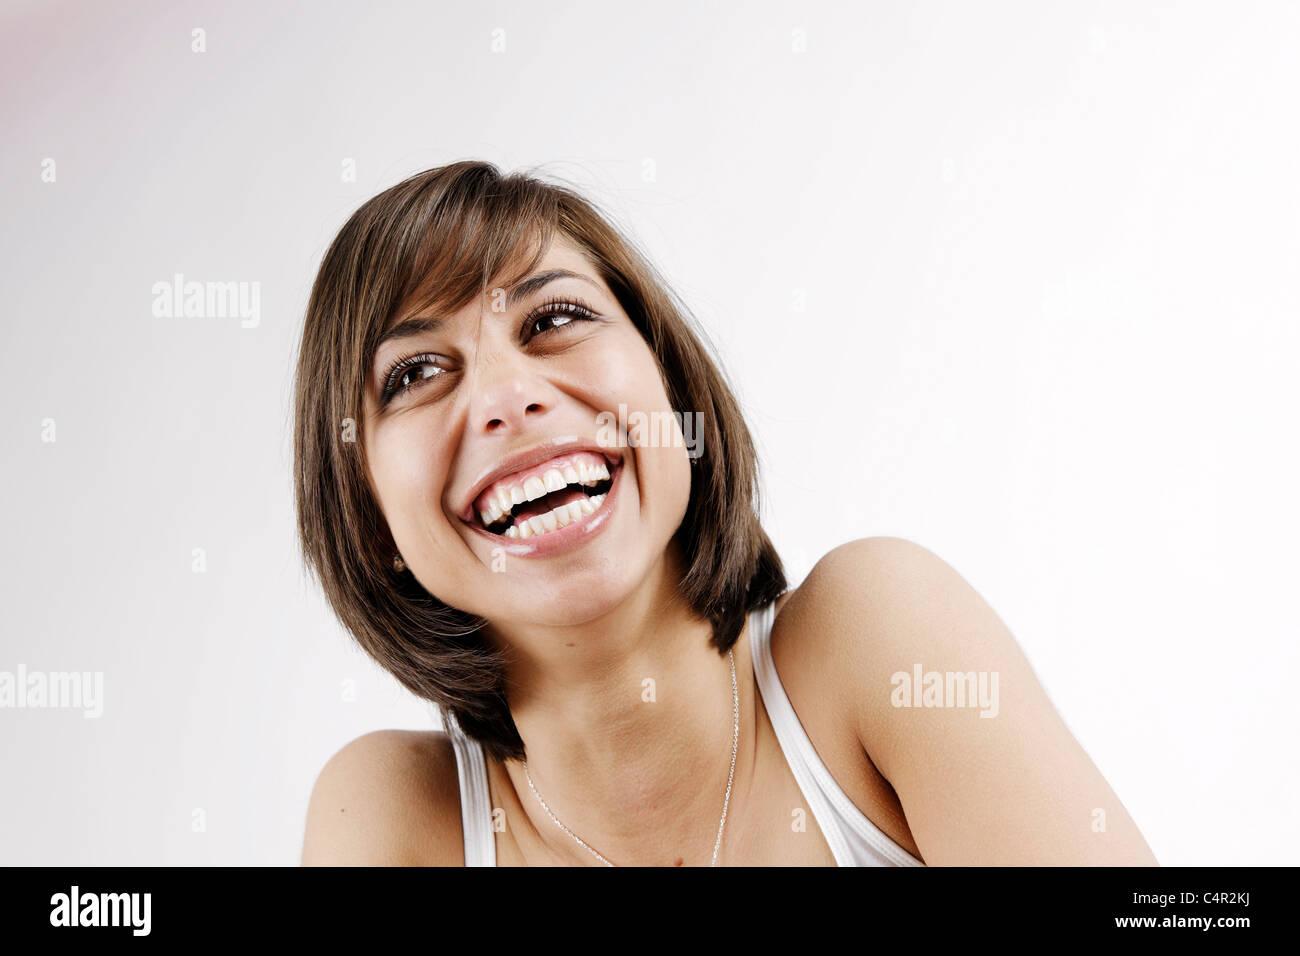 Jovem morena mulher, 25 anos, rindo, divertir, cheio de alegria - Junge Frau, braunhaarig, 25, lacht, lachend, Spaß, Imagens de Stock